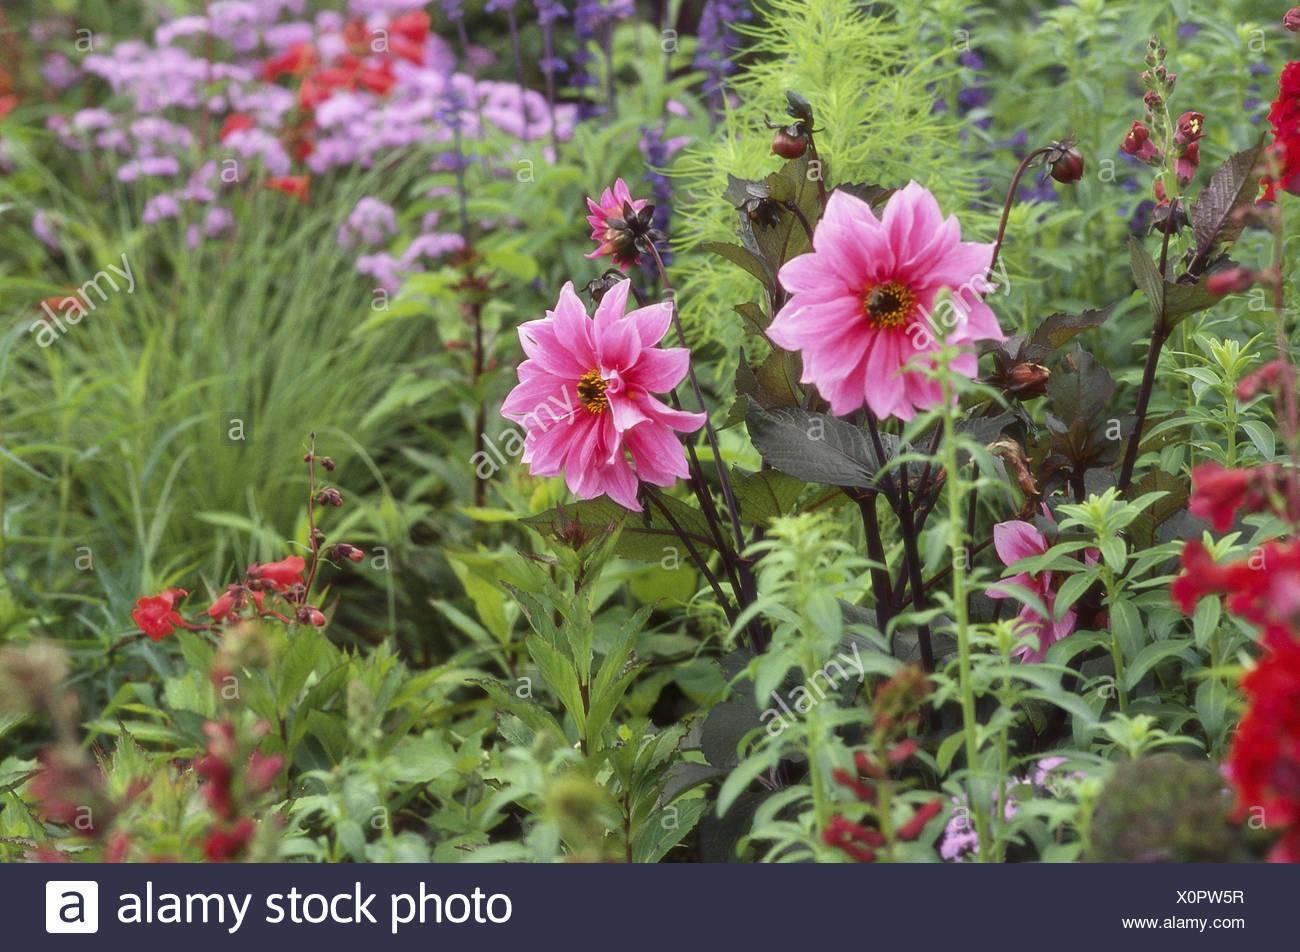 Fiori da giardino estivi giardino letto di fiori fiori diversamente blumi letto magnifici - Fiori estivi da giardino ...